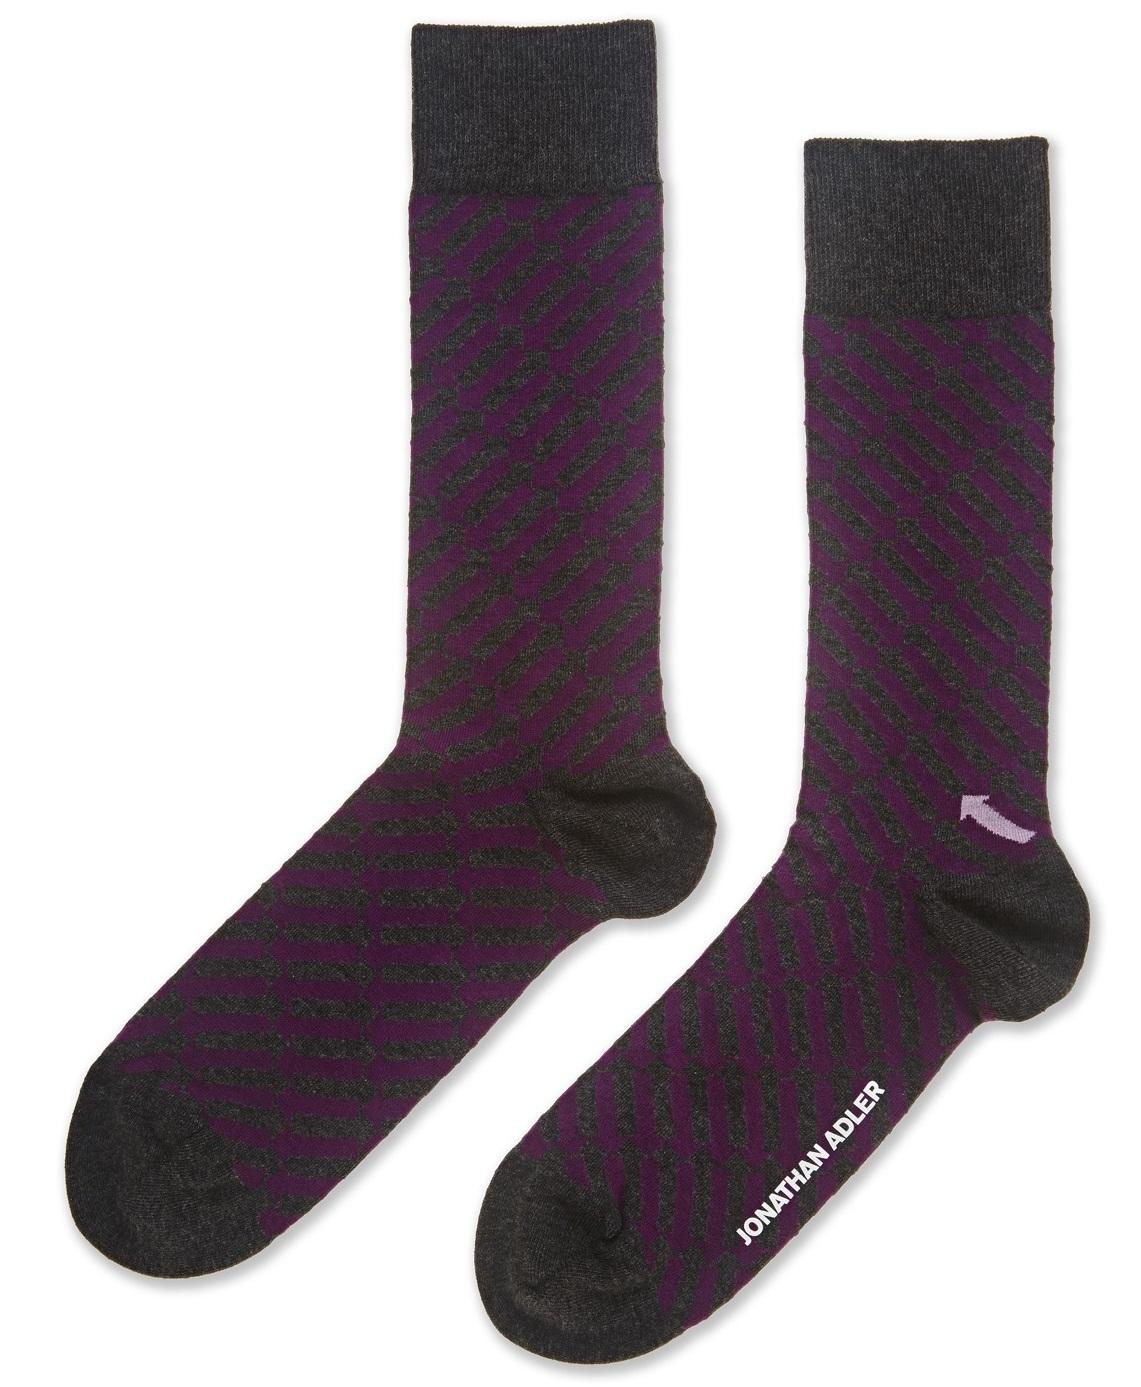 Jonathan Adler Men's Socks